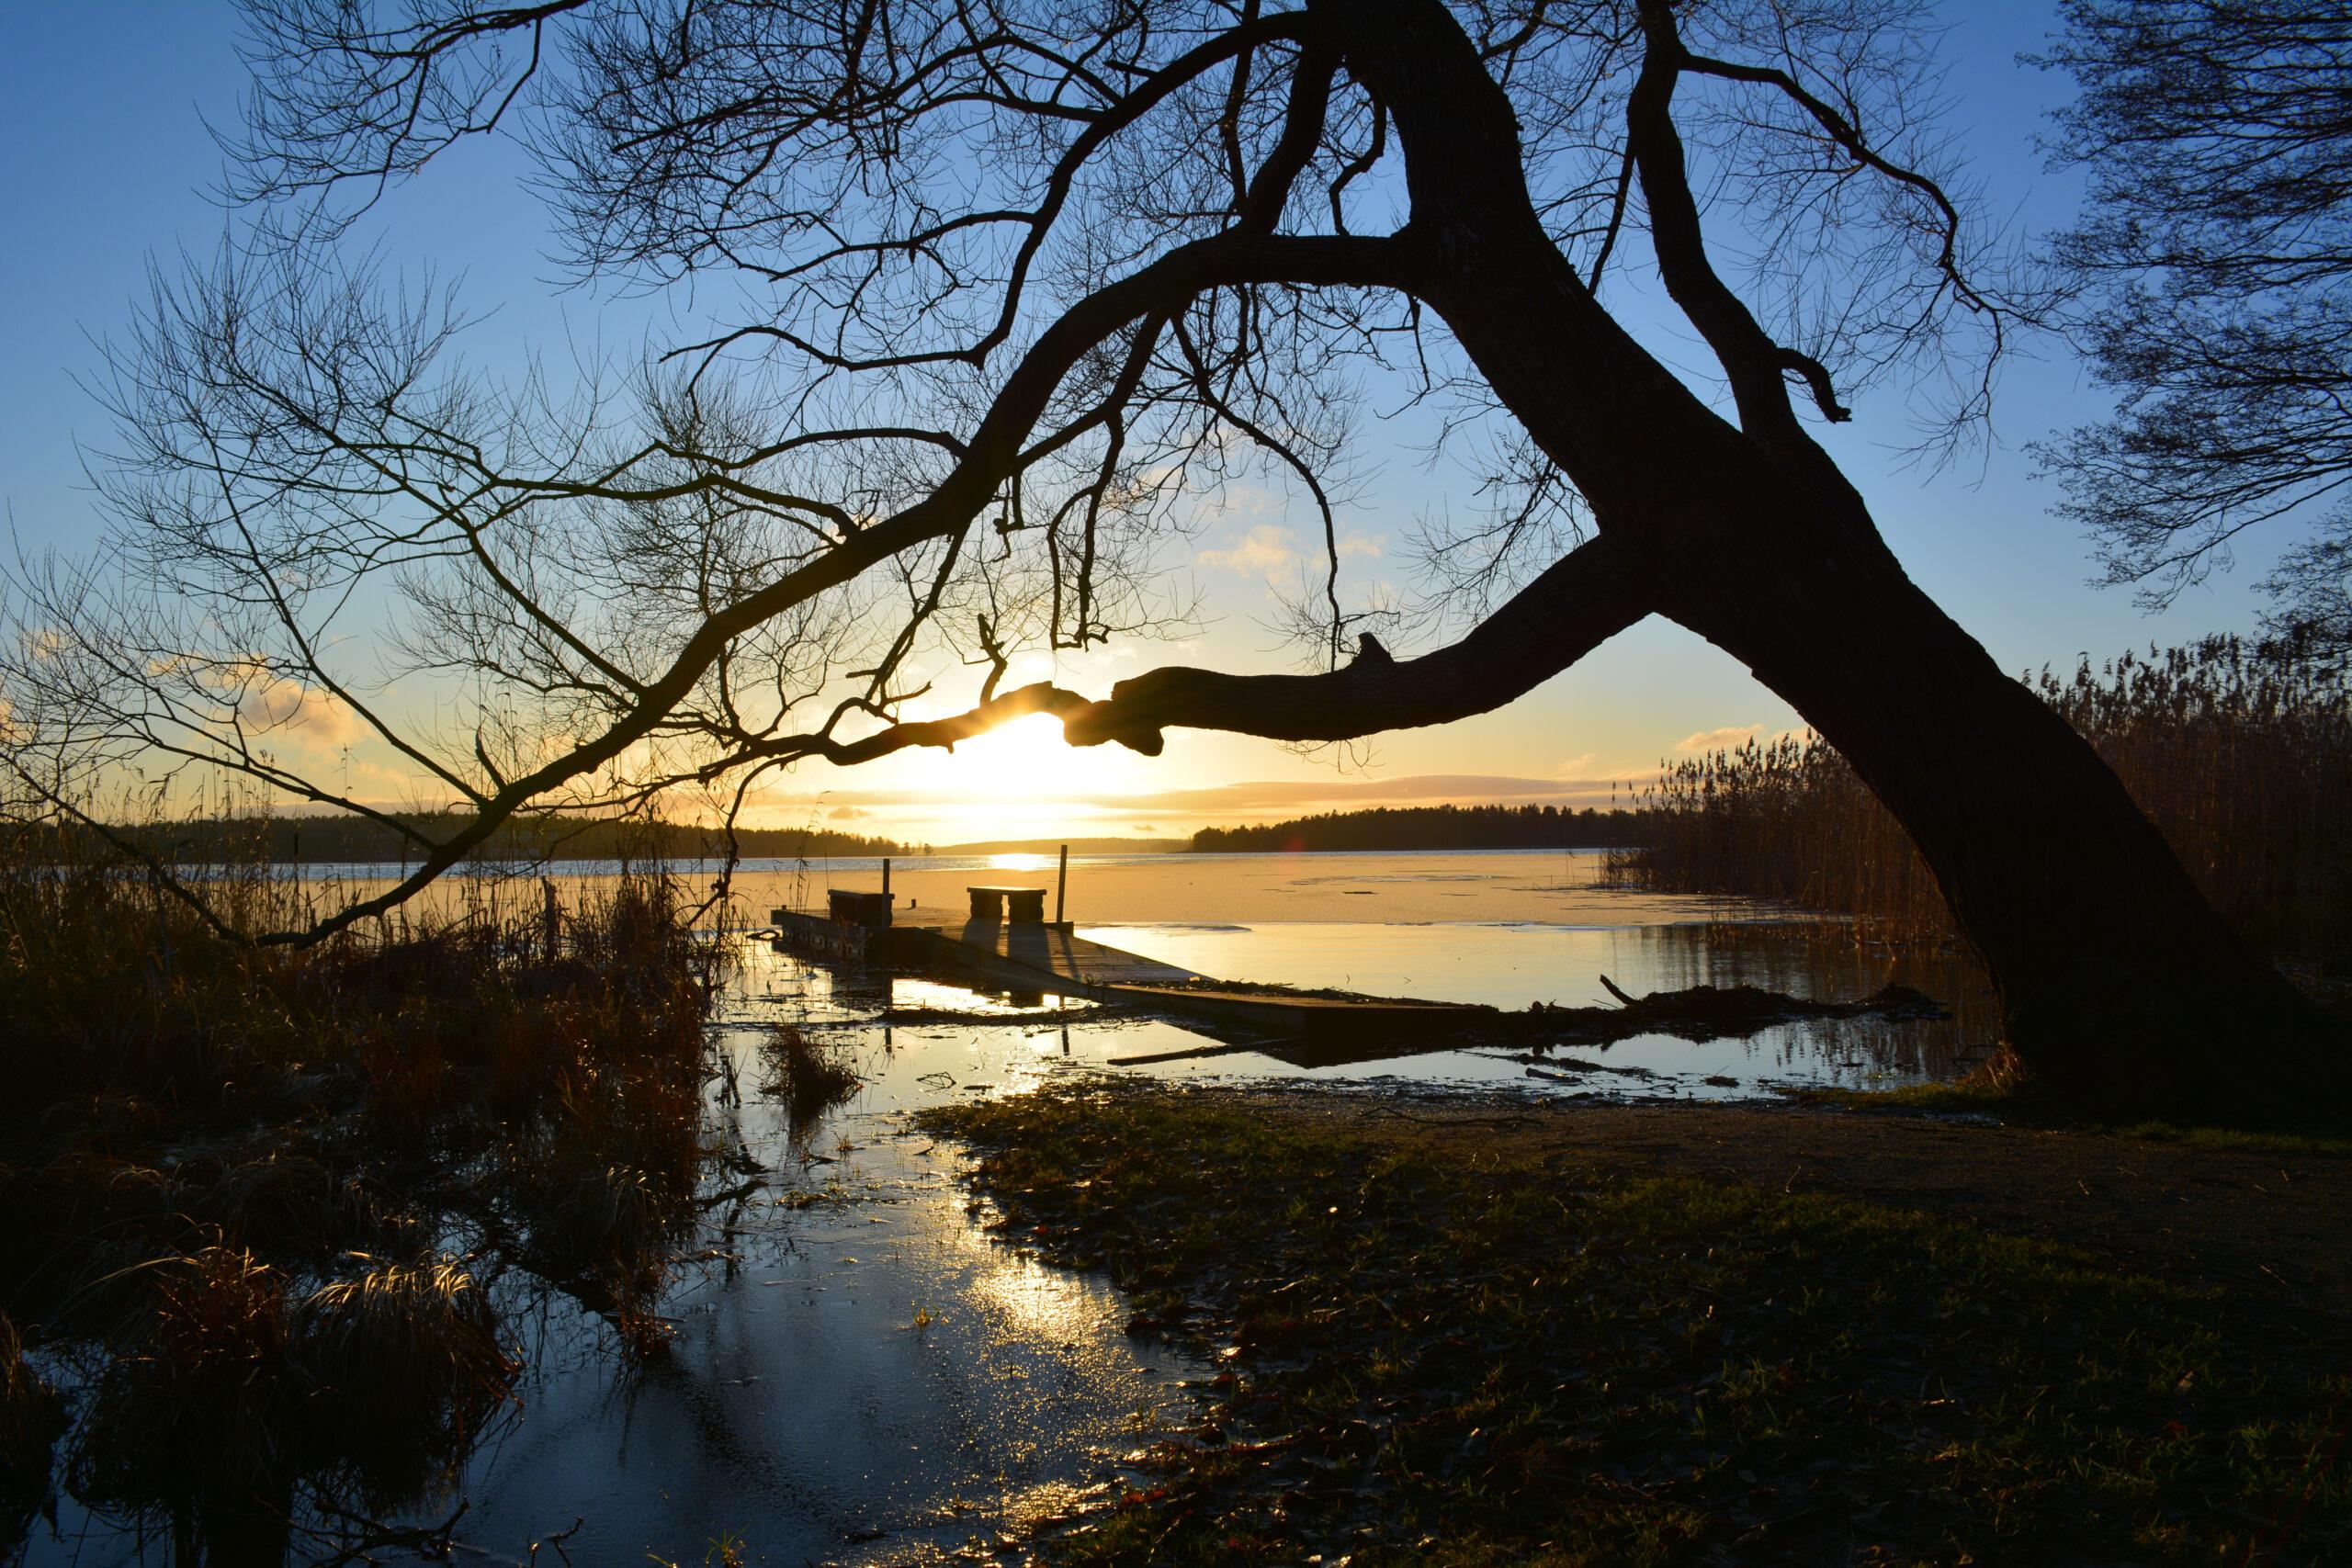 Solnedgång i Vallantunasjön